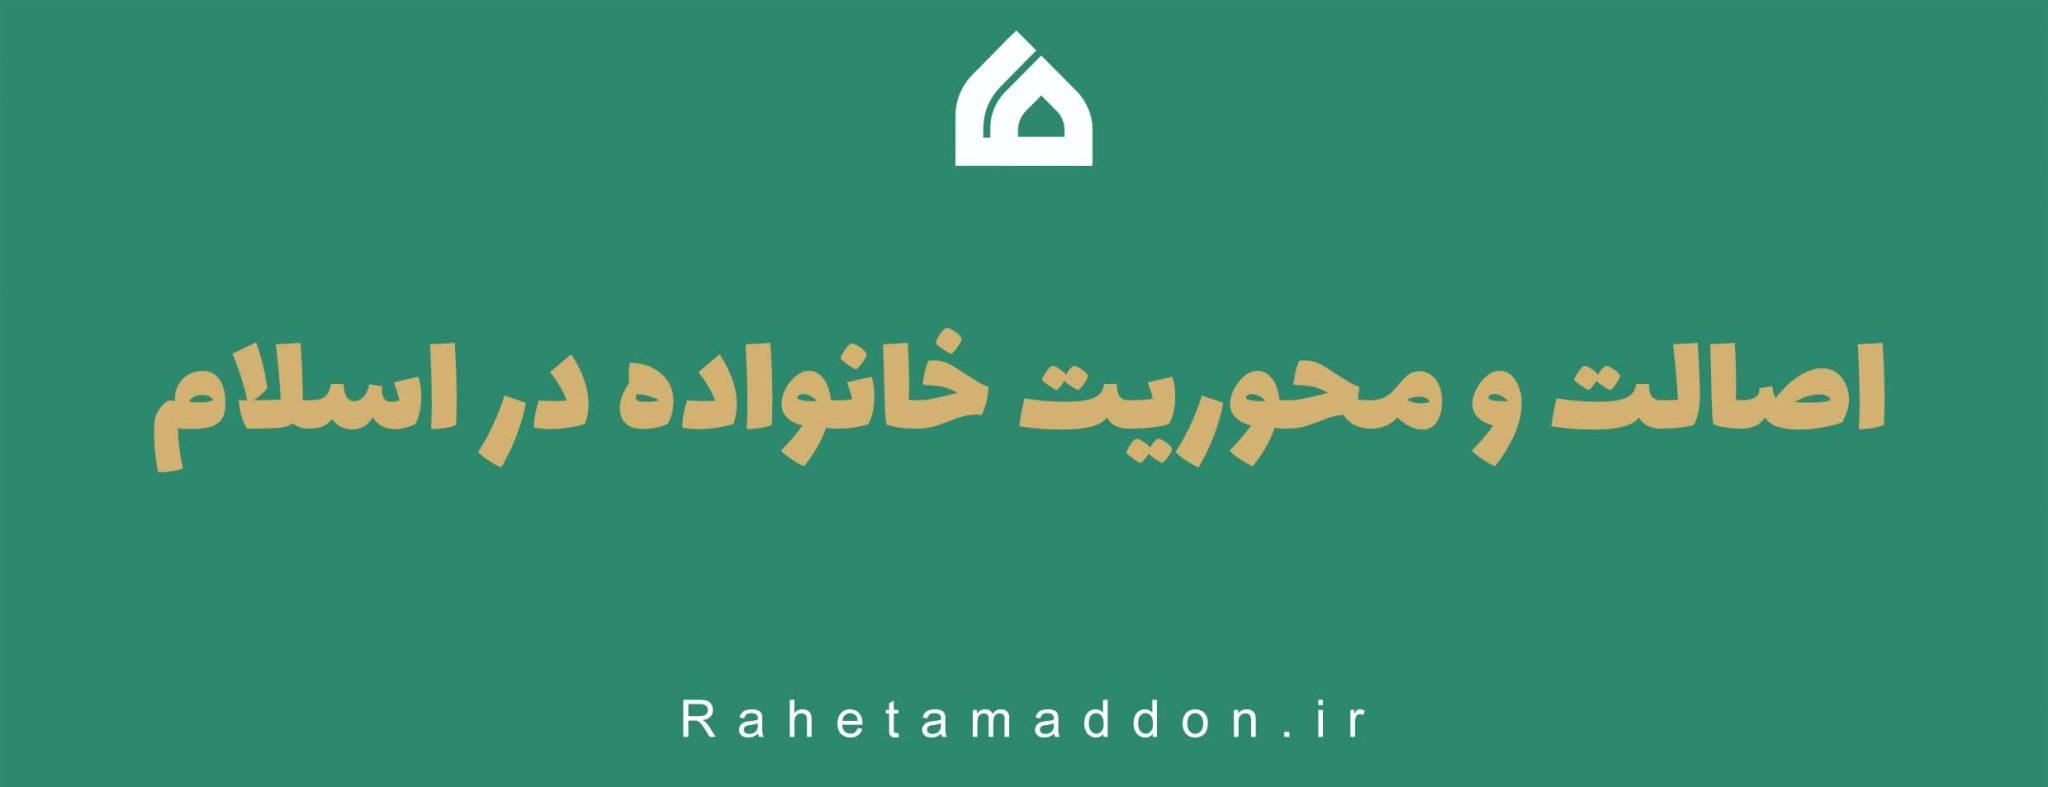 اصالت و محوریت خانواده در اسلام